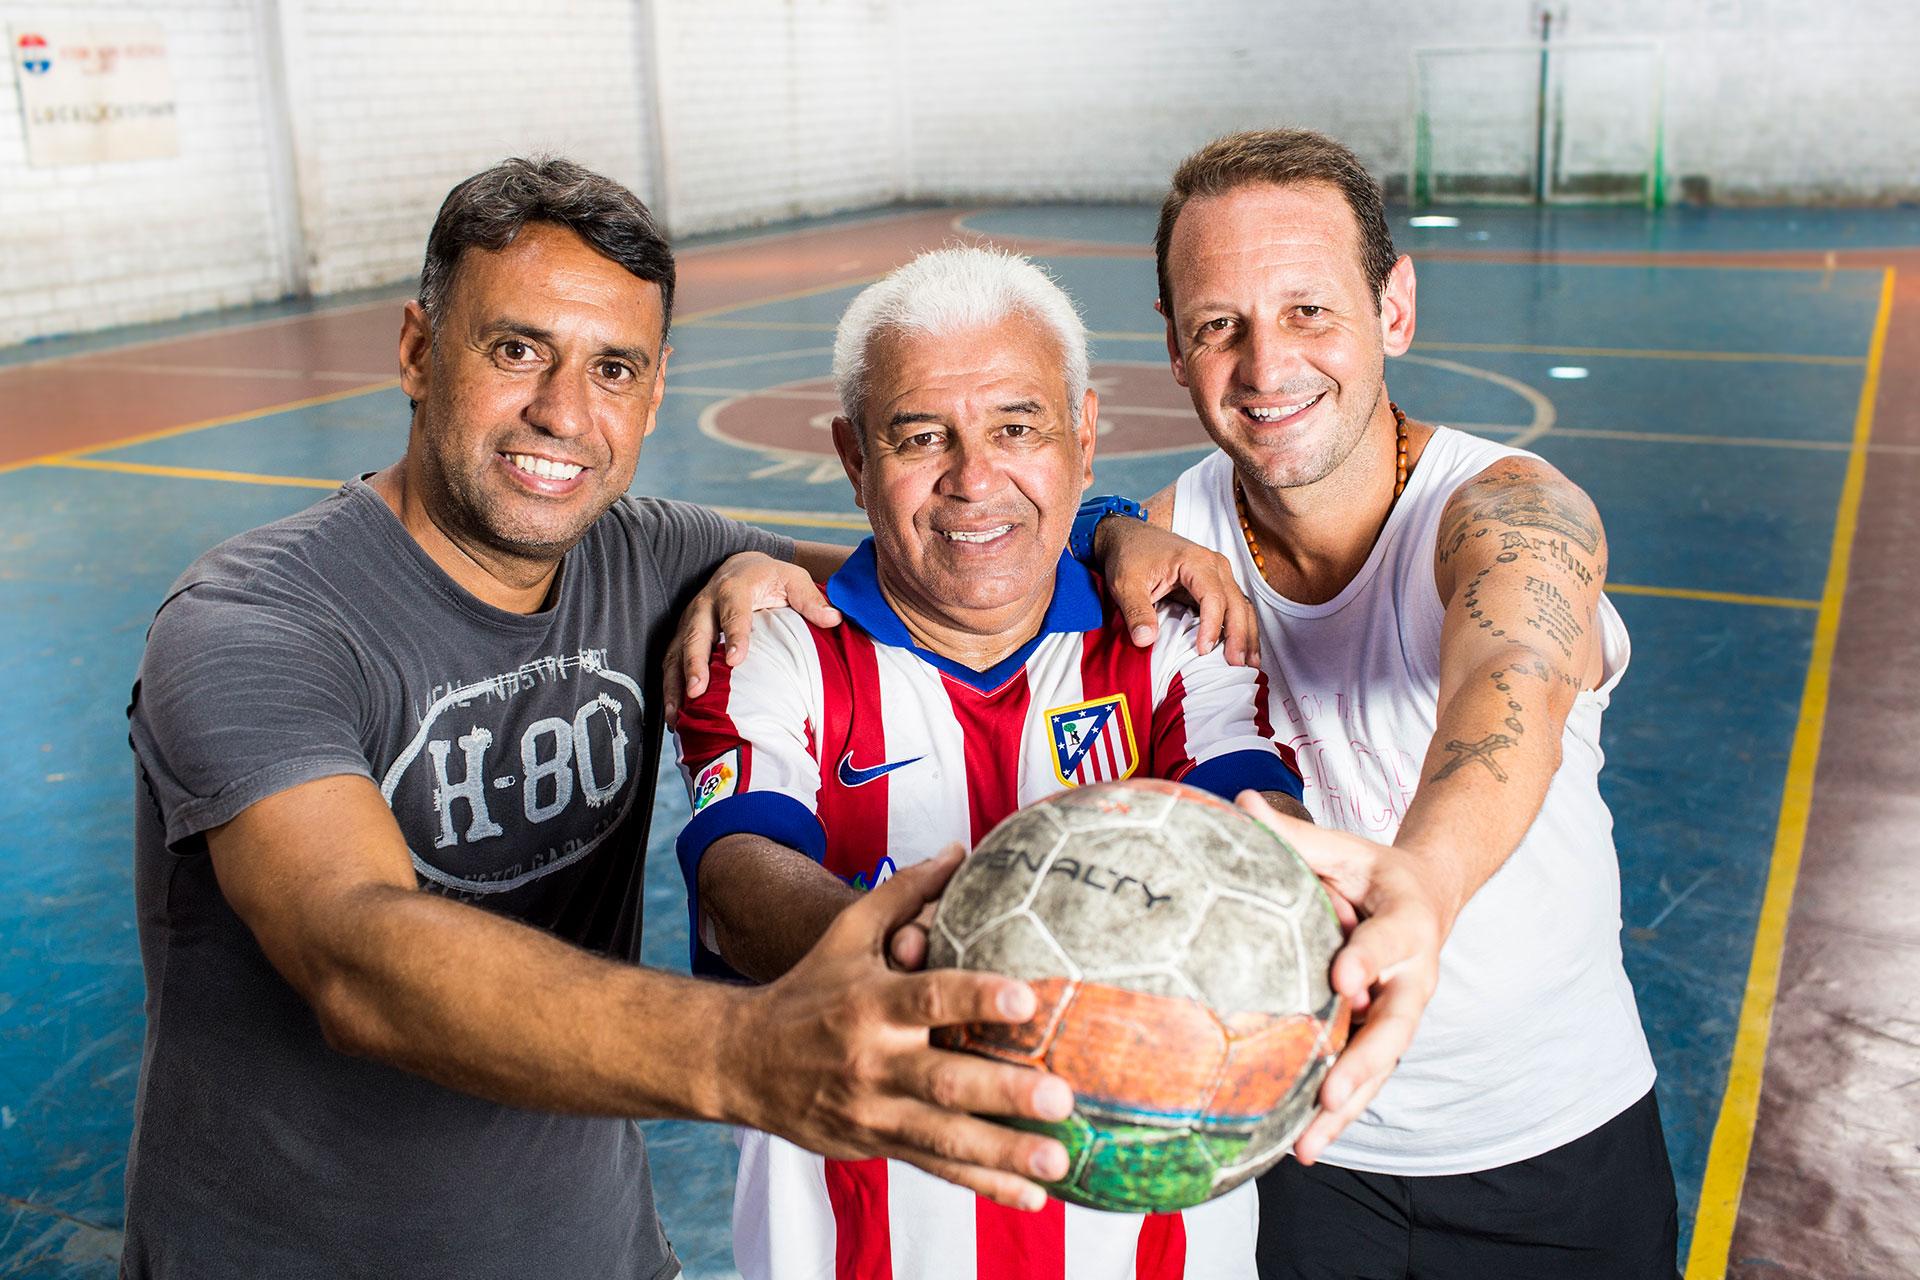 Os craques Octávio Bocão, Mauro Bandit e Felippe Orelha